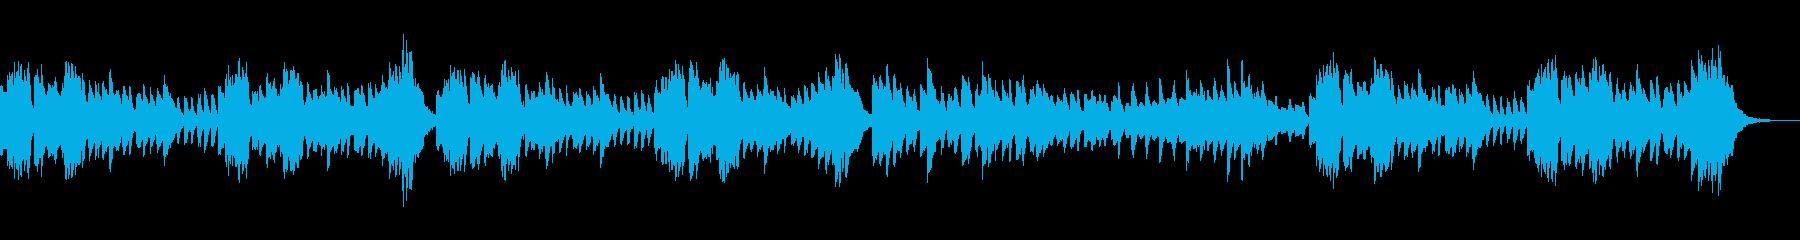 ピアノ練習曲/ブルグミュラー進歩の再生済みの波形